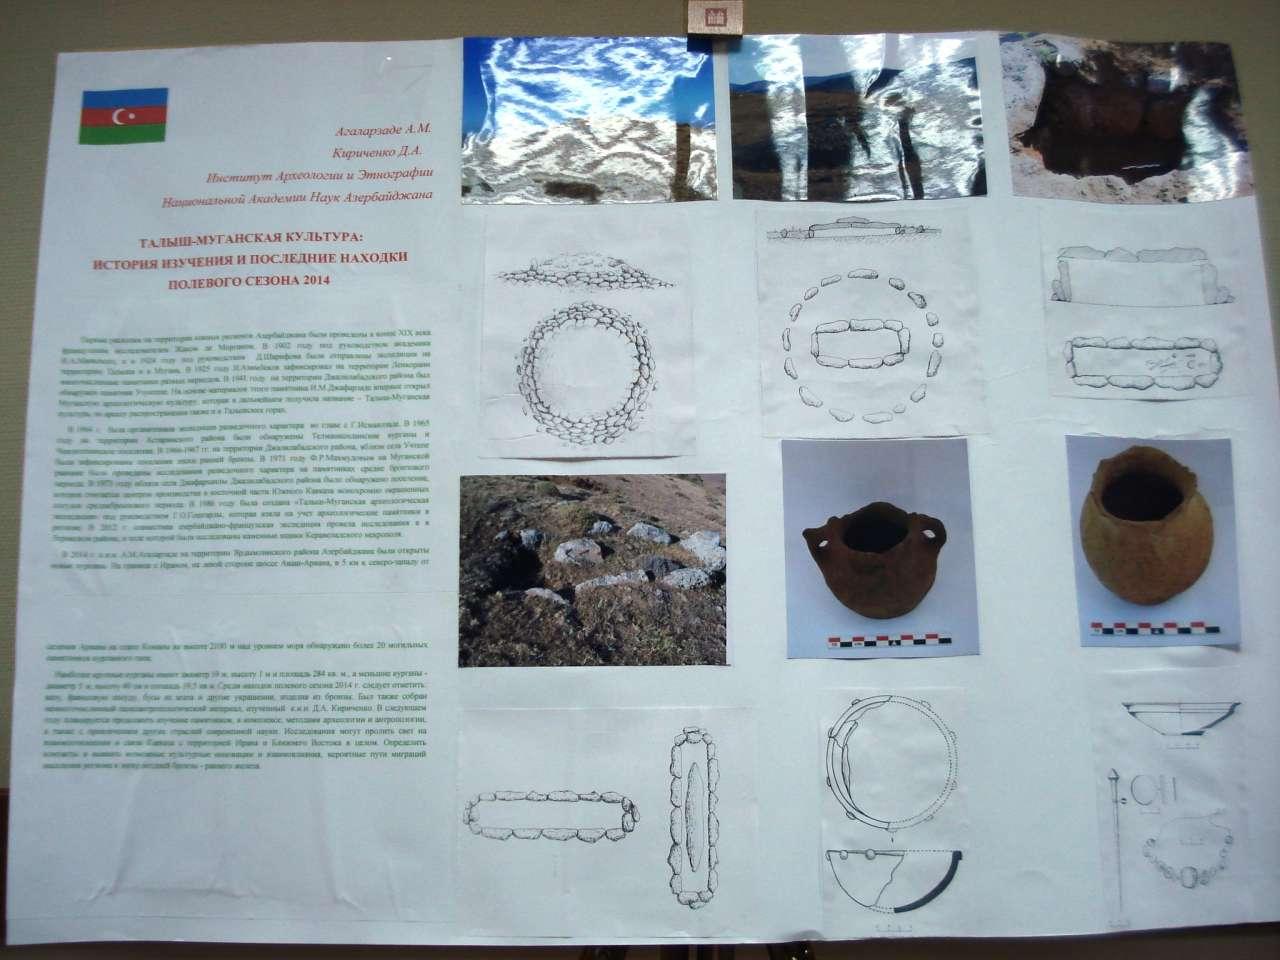 В Москве представлены археологические памятники Азербайджана (ФОТО)